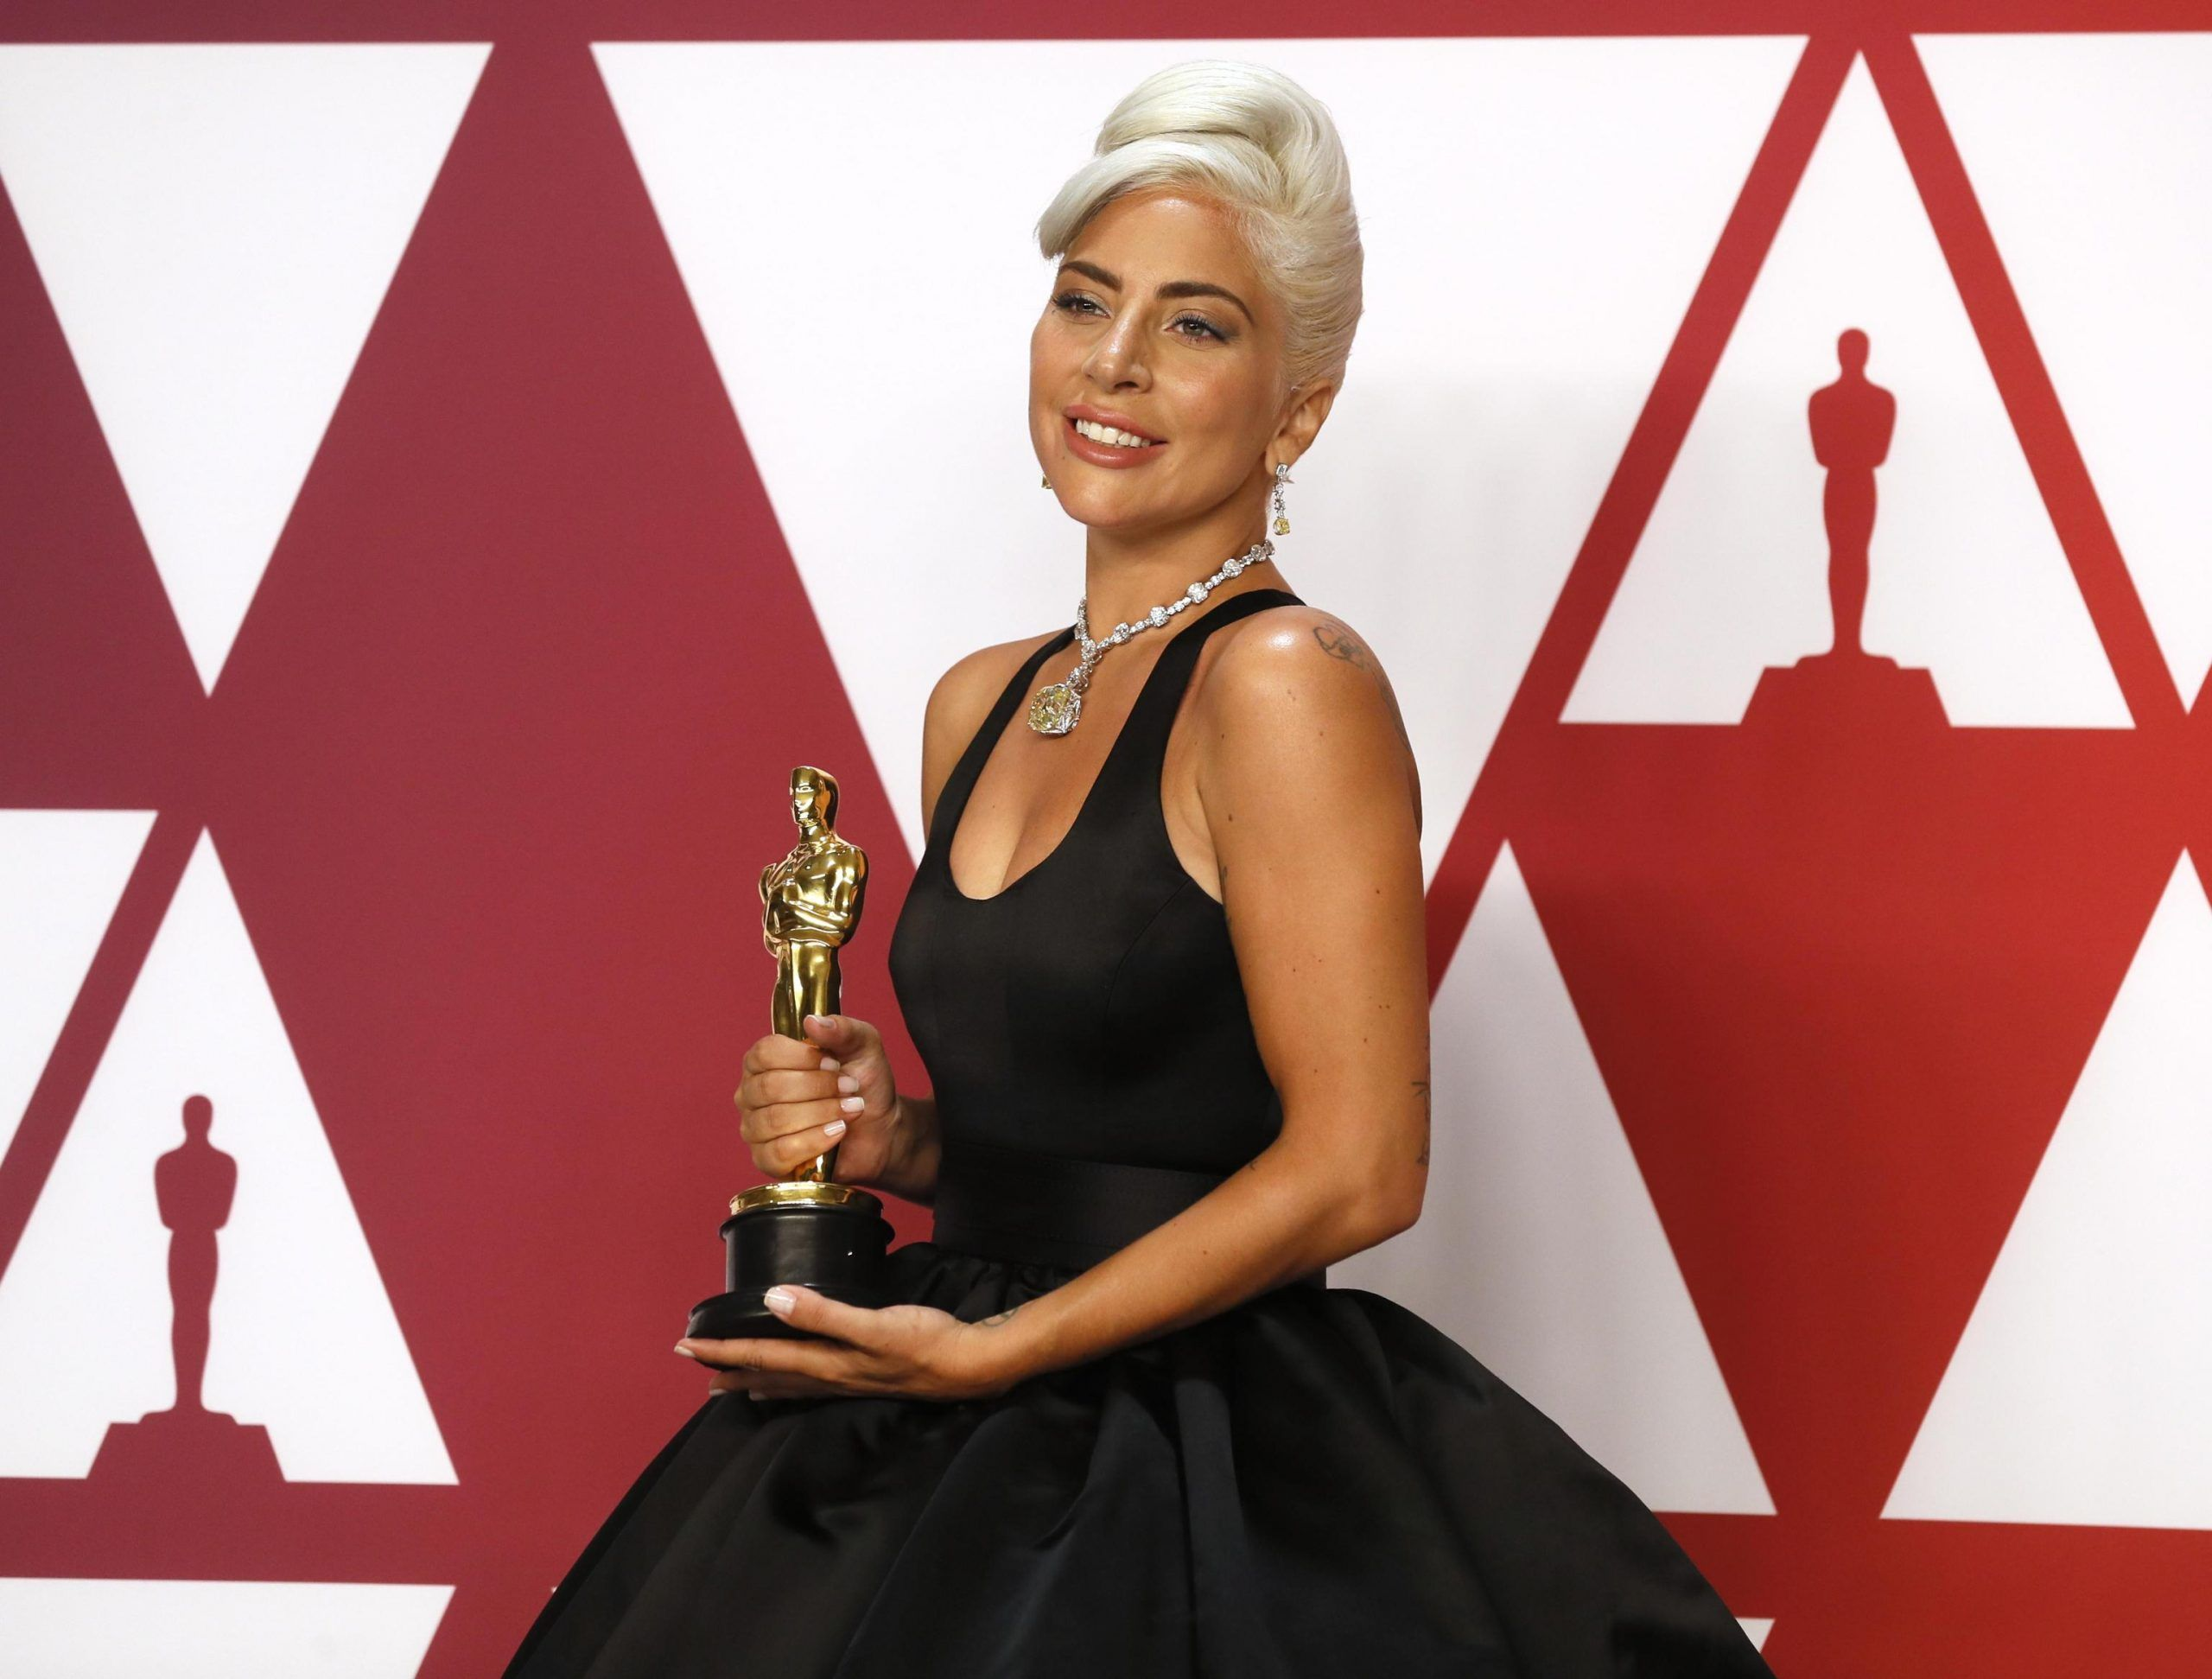 Oscar 2019, i vincitori: Green Book miglior film, statuette per Rami Malek e Lady Gaga